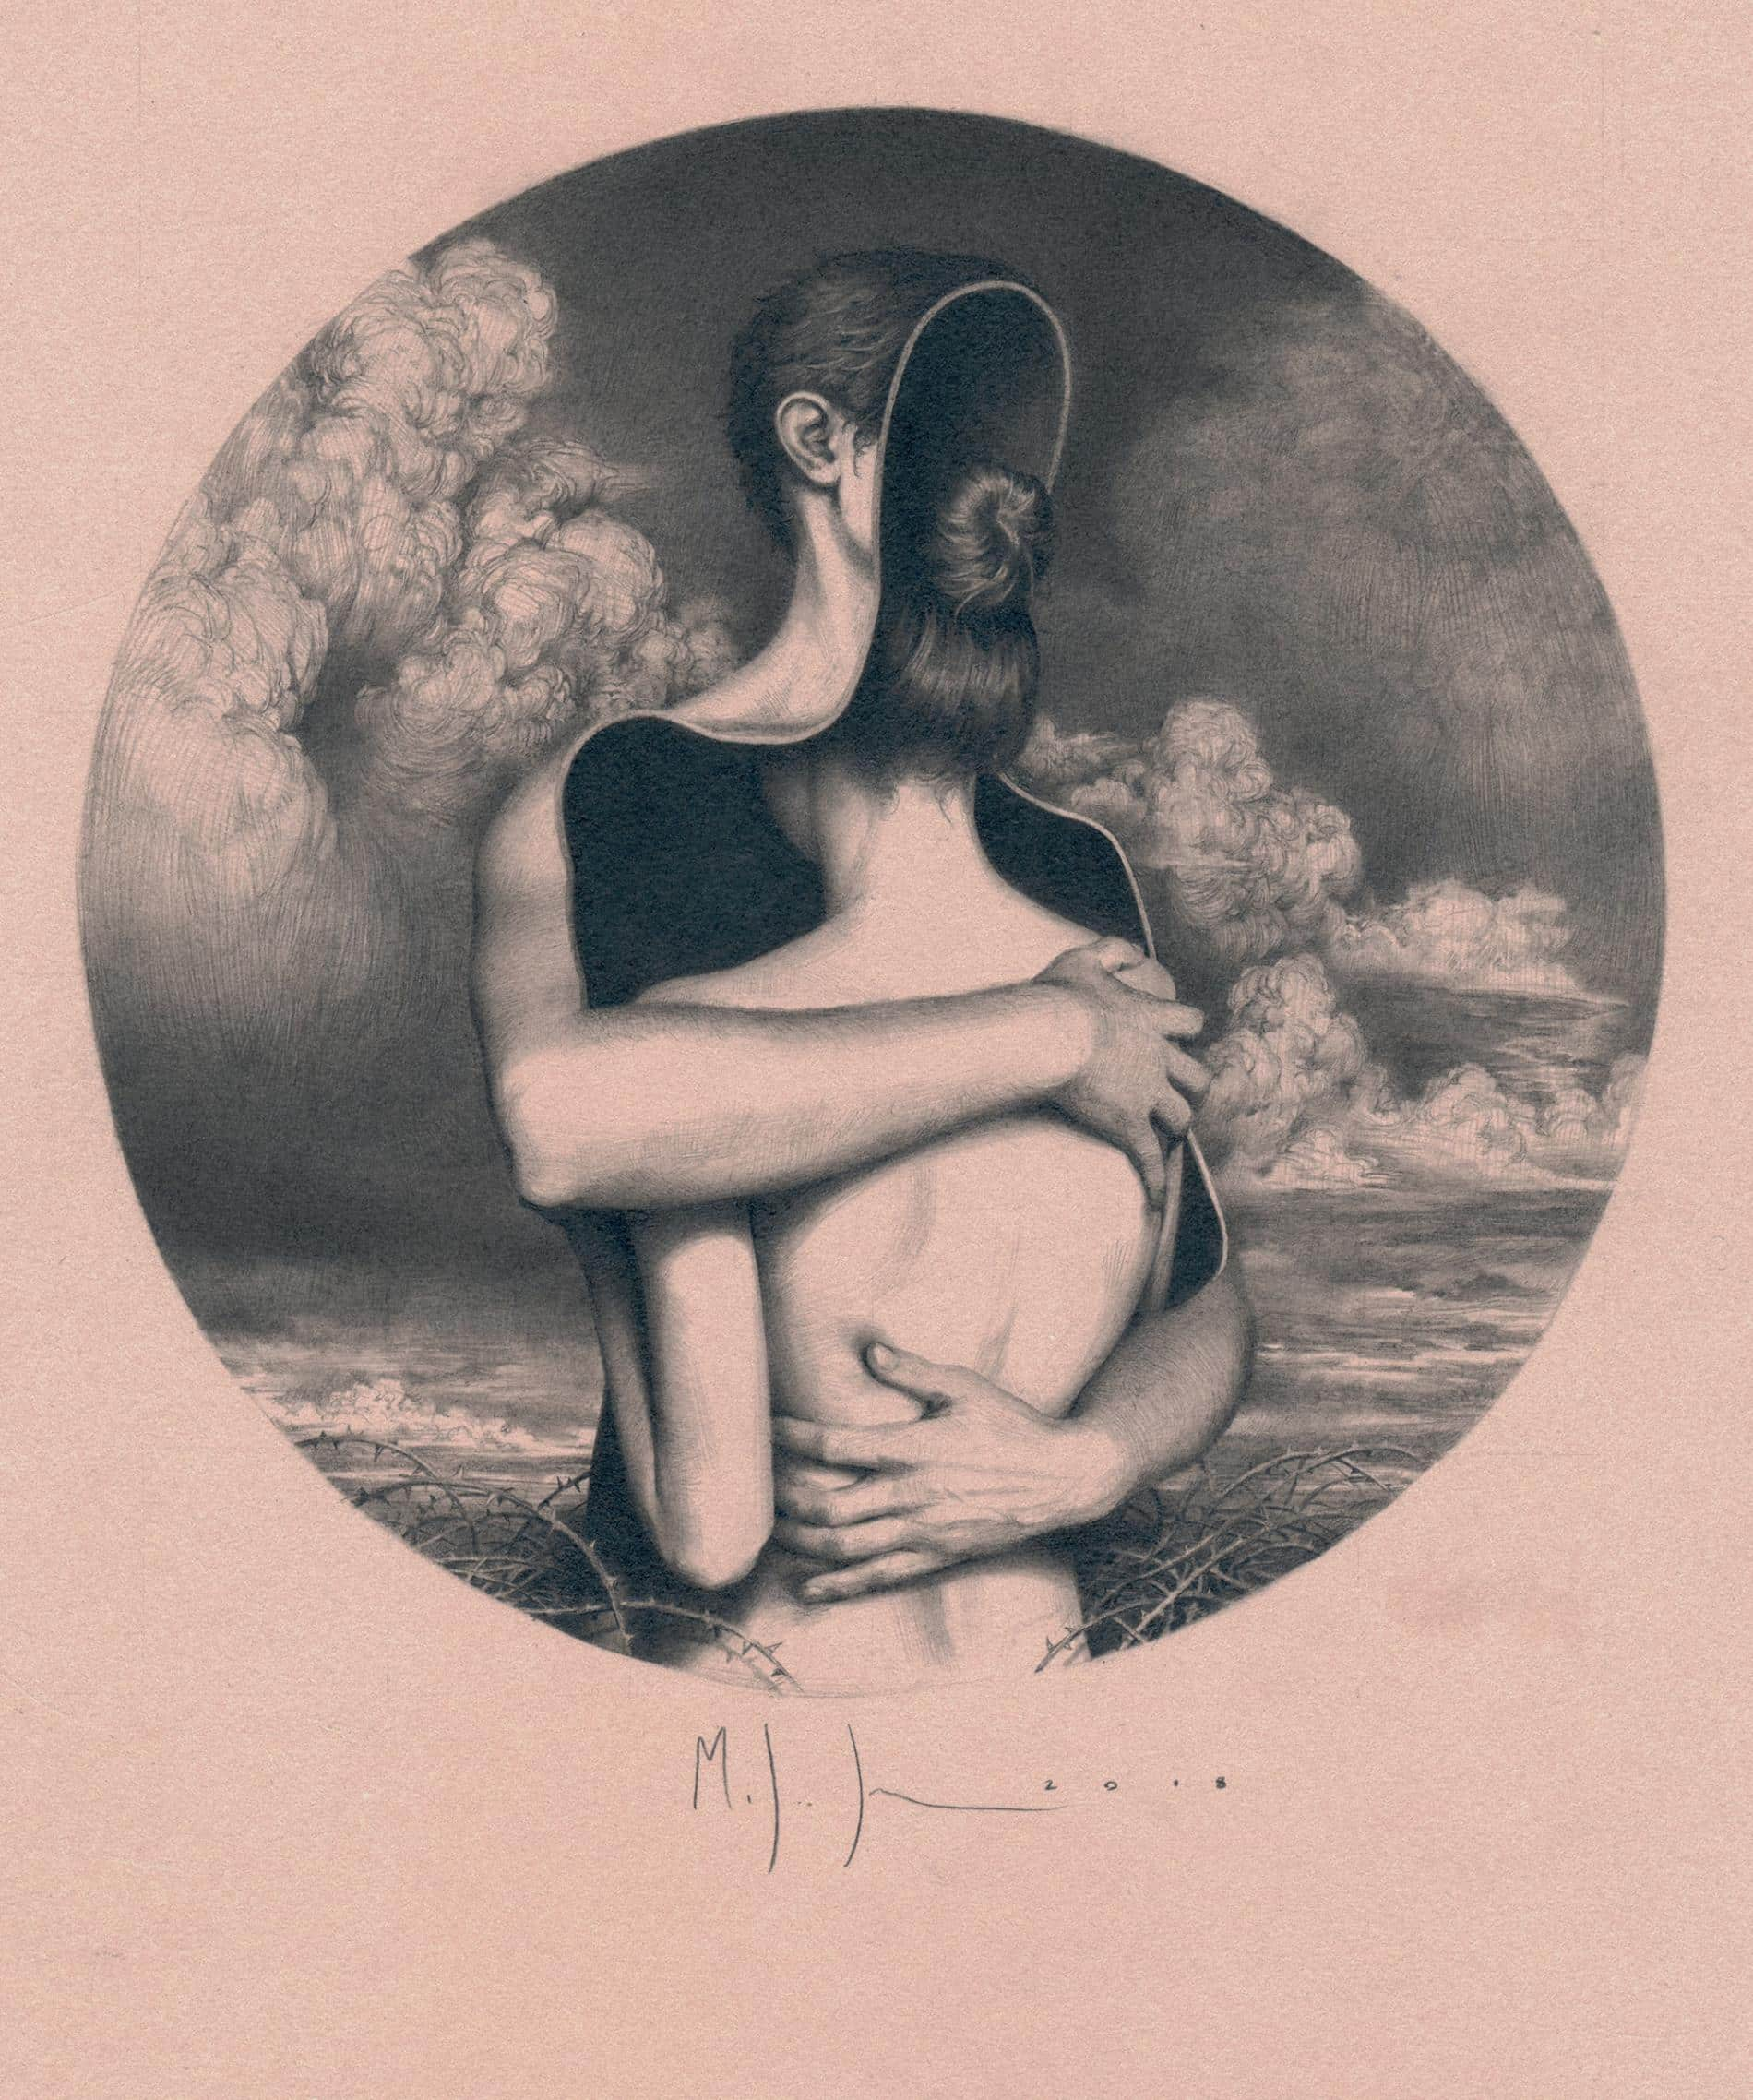 johnston retratos grafito metamorfosis amor